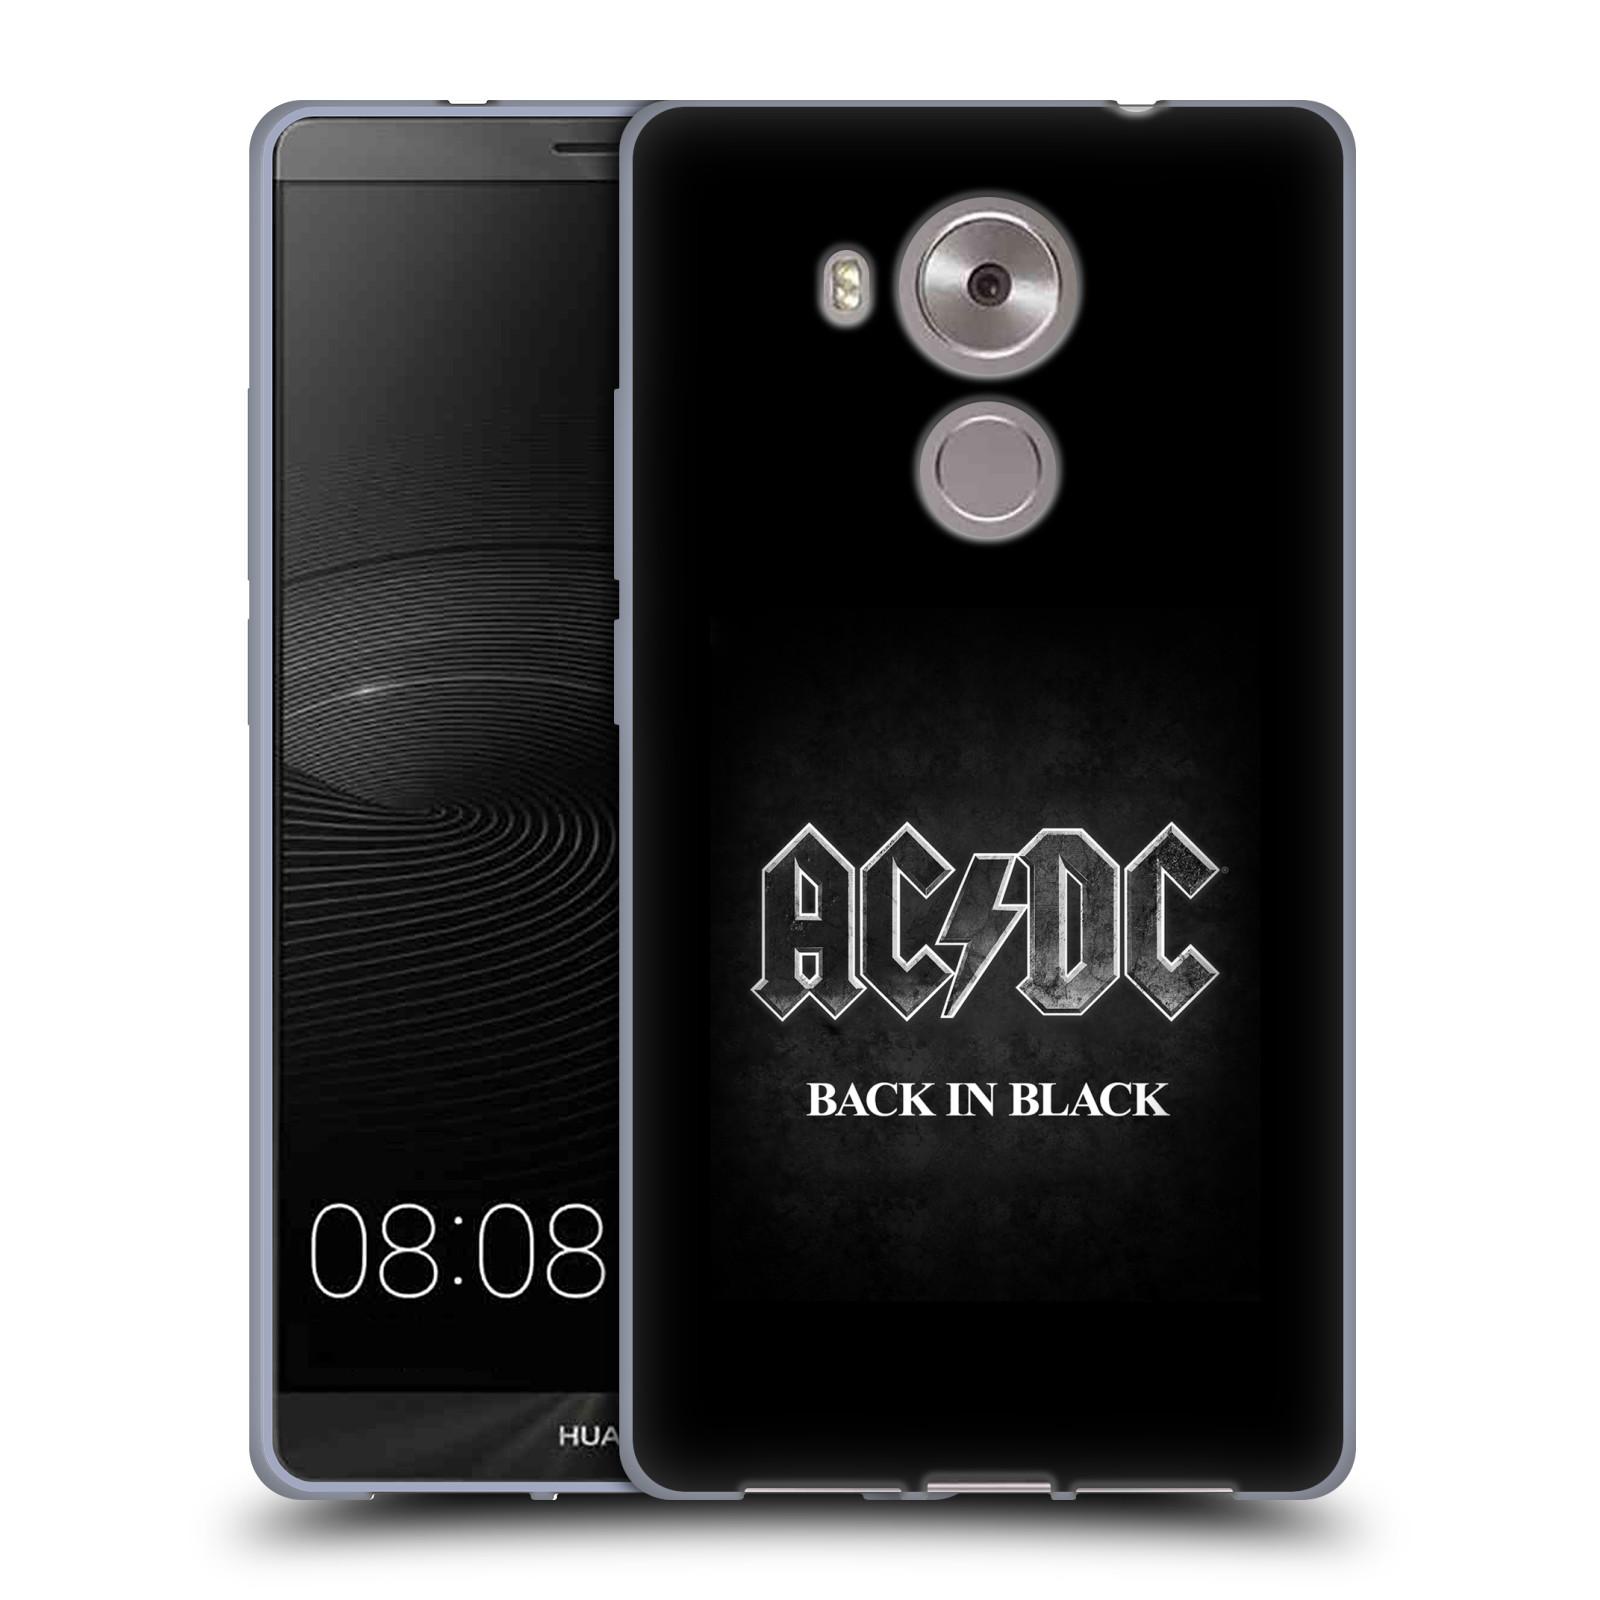 Silikonové pouzdro na mobil Huawei Ascend Mate 8 HEAD CASE AC/DC BACK IN BLACK (Silikonový kryt či obal na mobilní telefon s oficiálním motivem australské skupiny AC/DC pro Huawei Ascend MATE8)